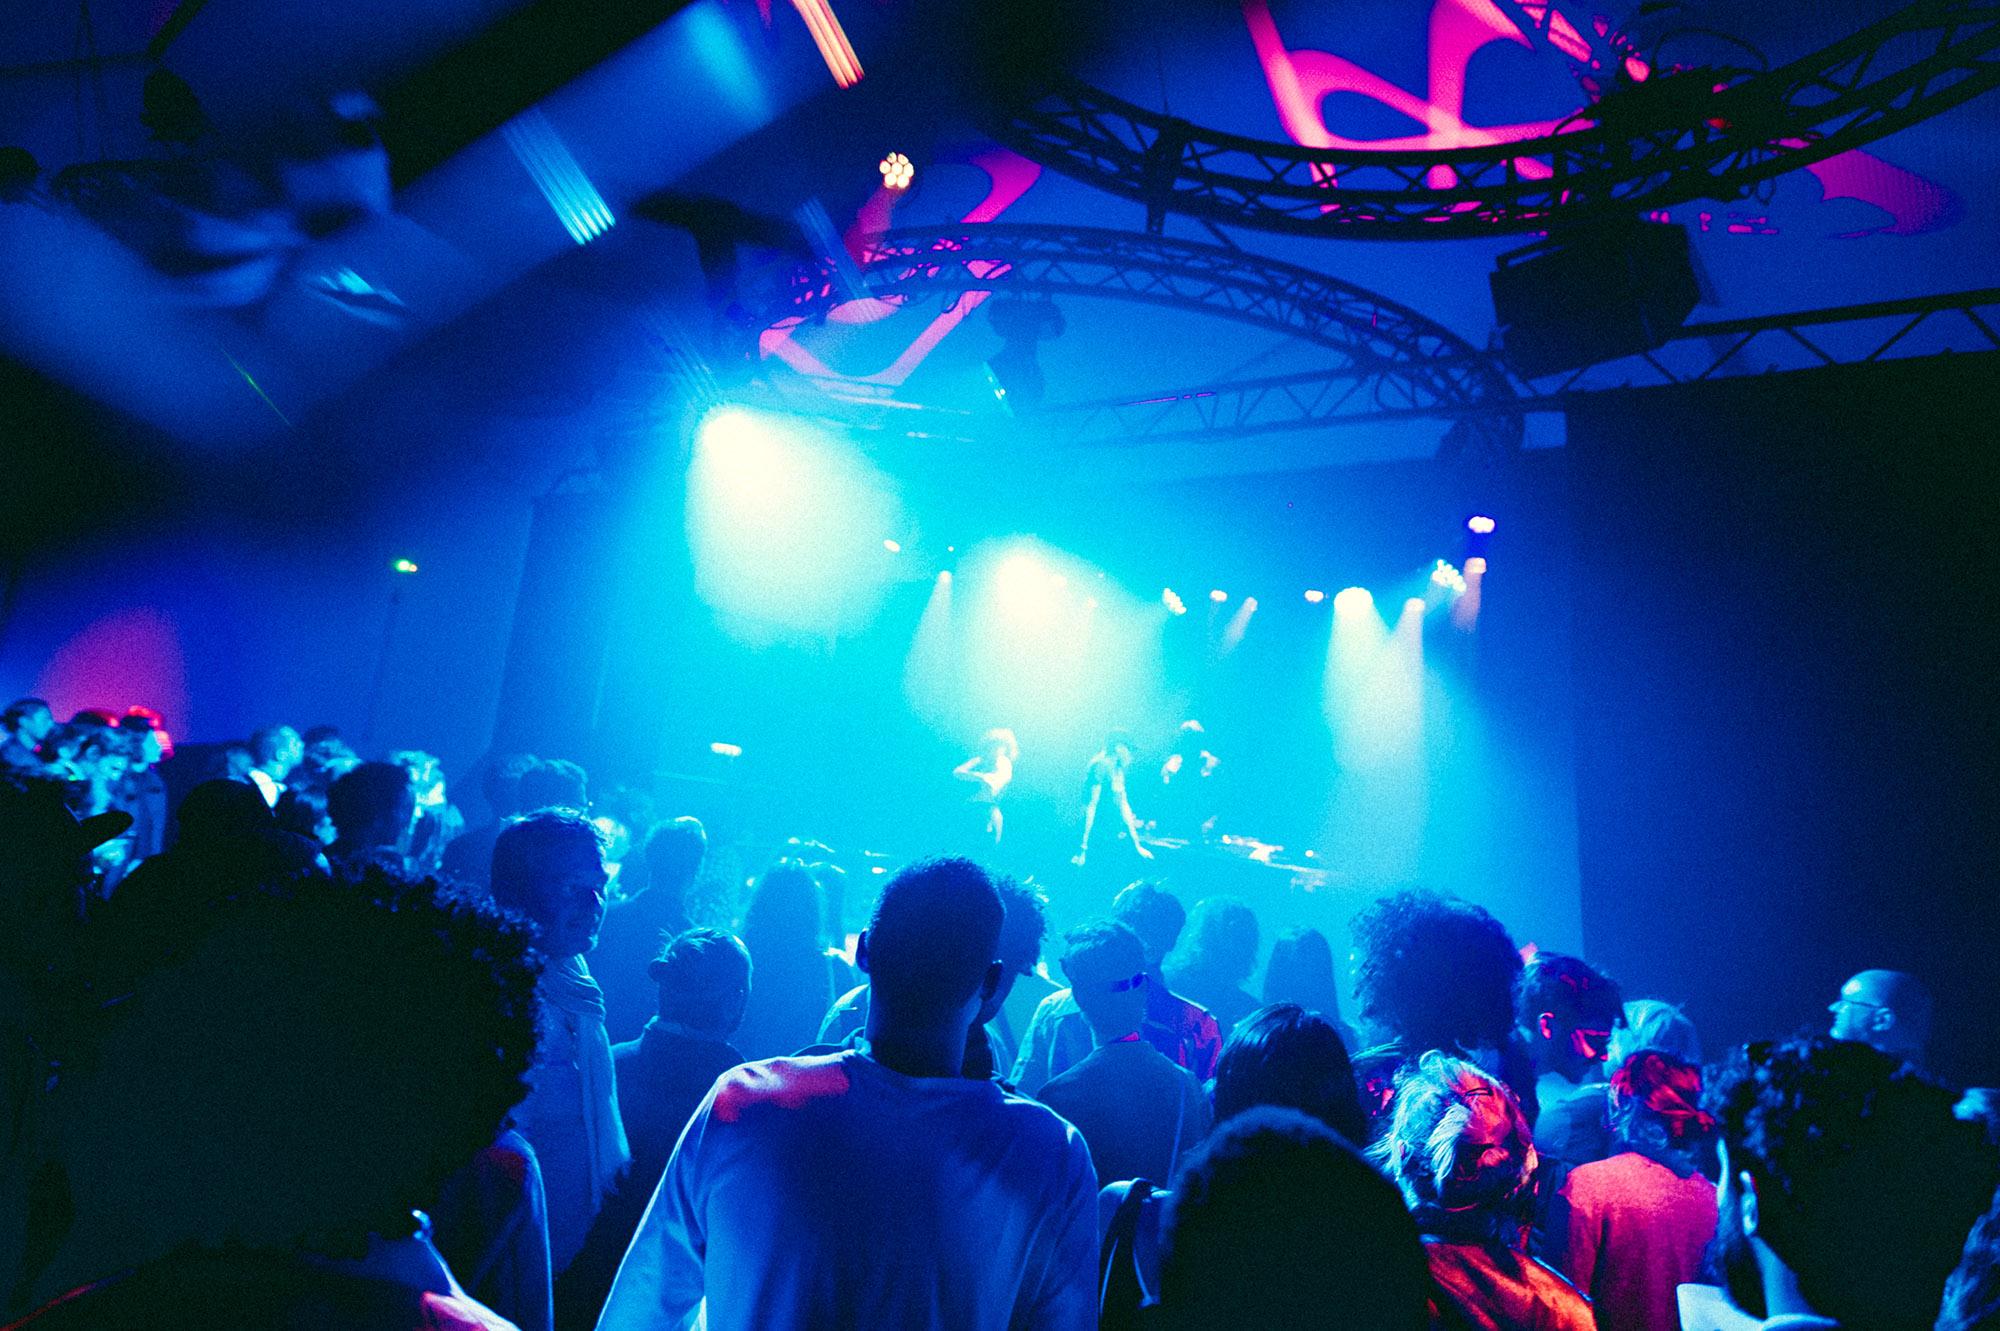 Concert soir%c3%a9e